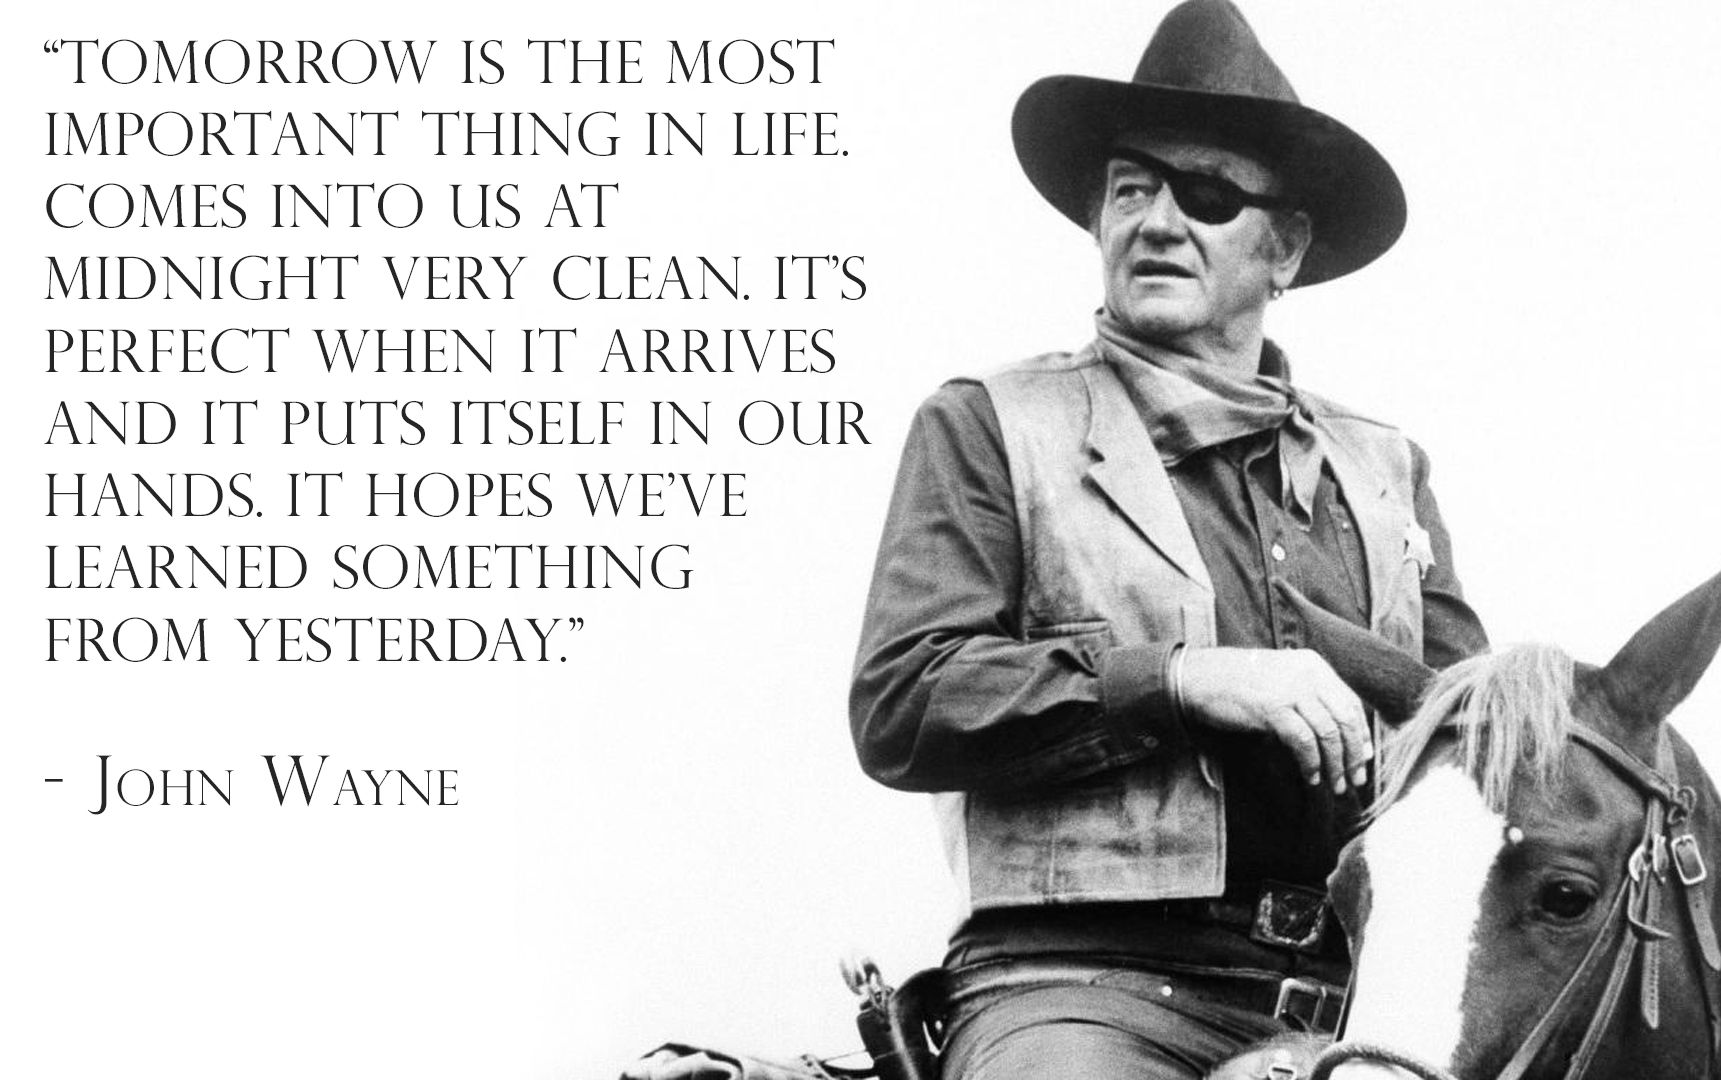 Did you know that the famous John Wayne converted to Catholicism shortly before his death? #DidYouKnow #catholic #Conversion —— ¿Sabías que el famosísimo John Wayne tuvo su conversión poco antes de morir? #Catolico #JohnWayne